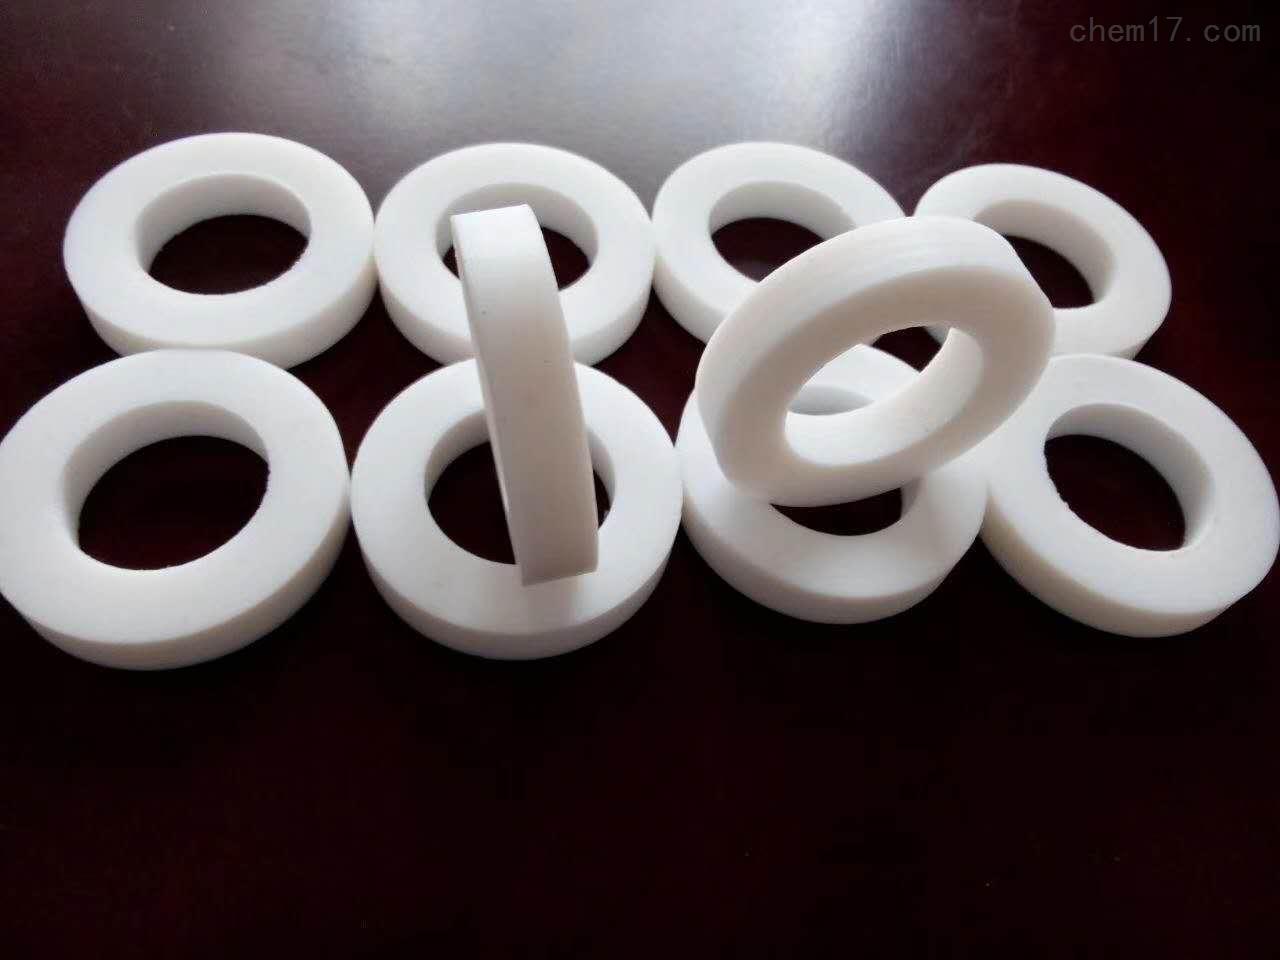 耐腐蚀聚四氟乙烯垫片专业生产厂家